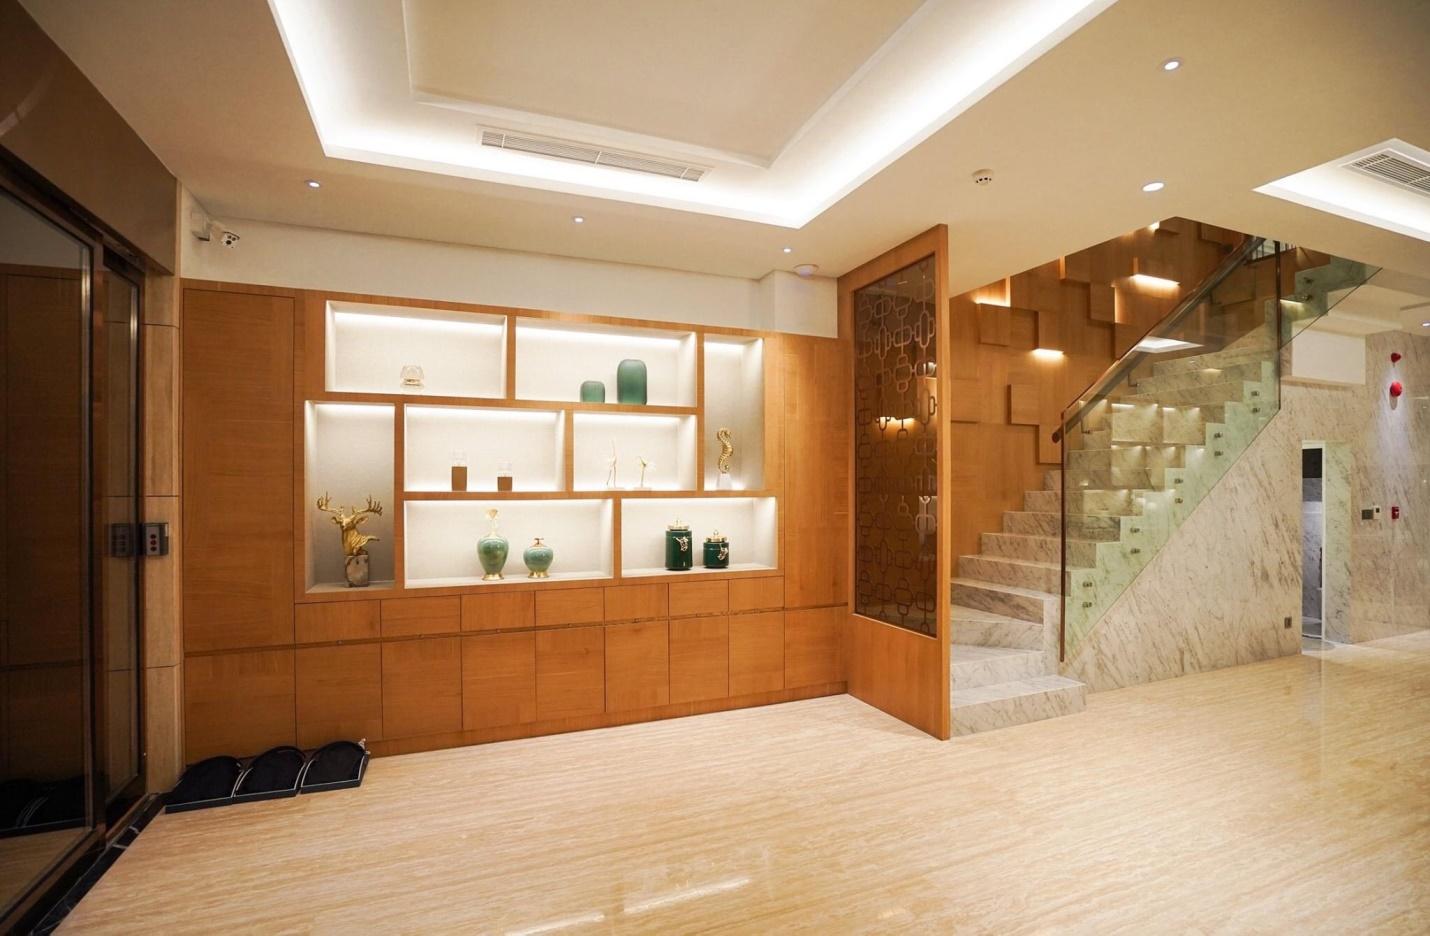 Le Pavillon Đà Nẵng – Shophouse 6 sao đầu tiên của Đất Xanh Miền Trung  - Ảnh 3